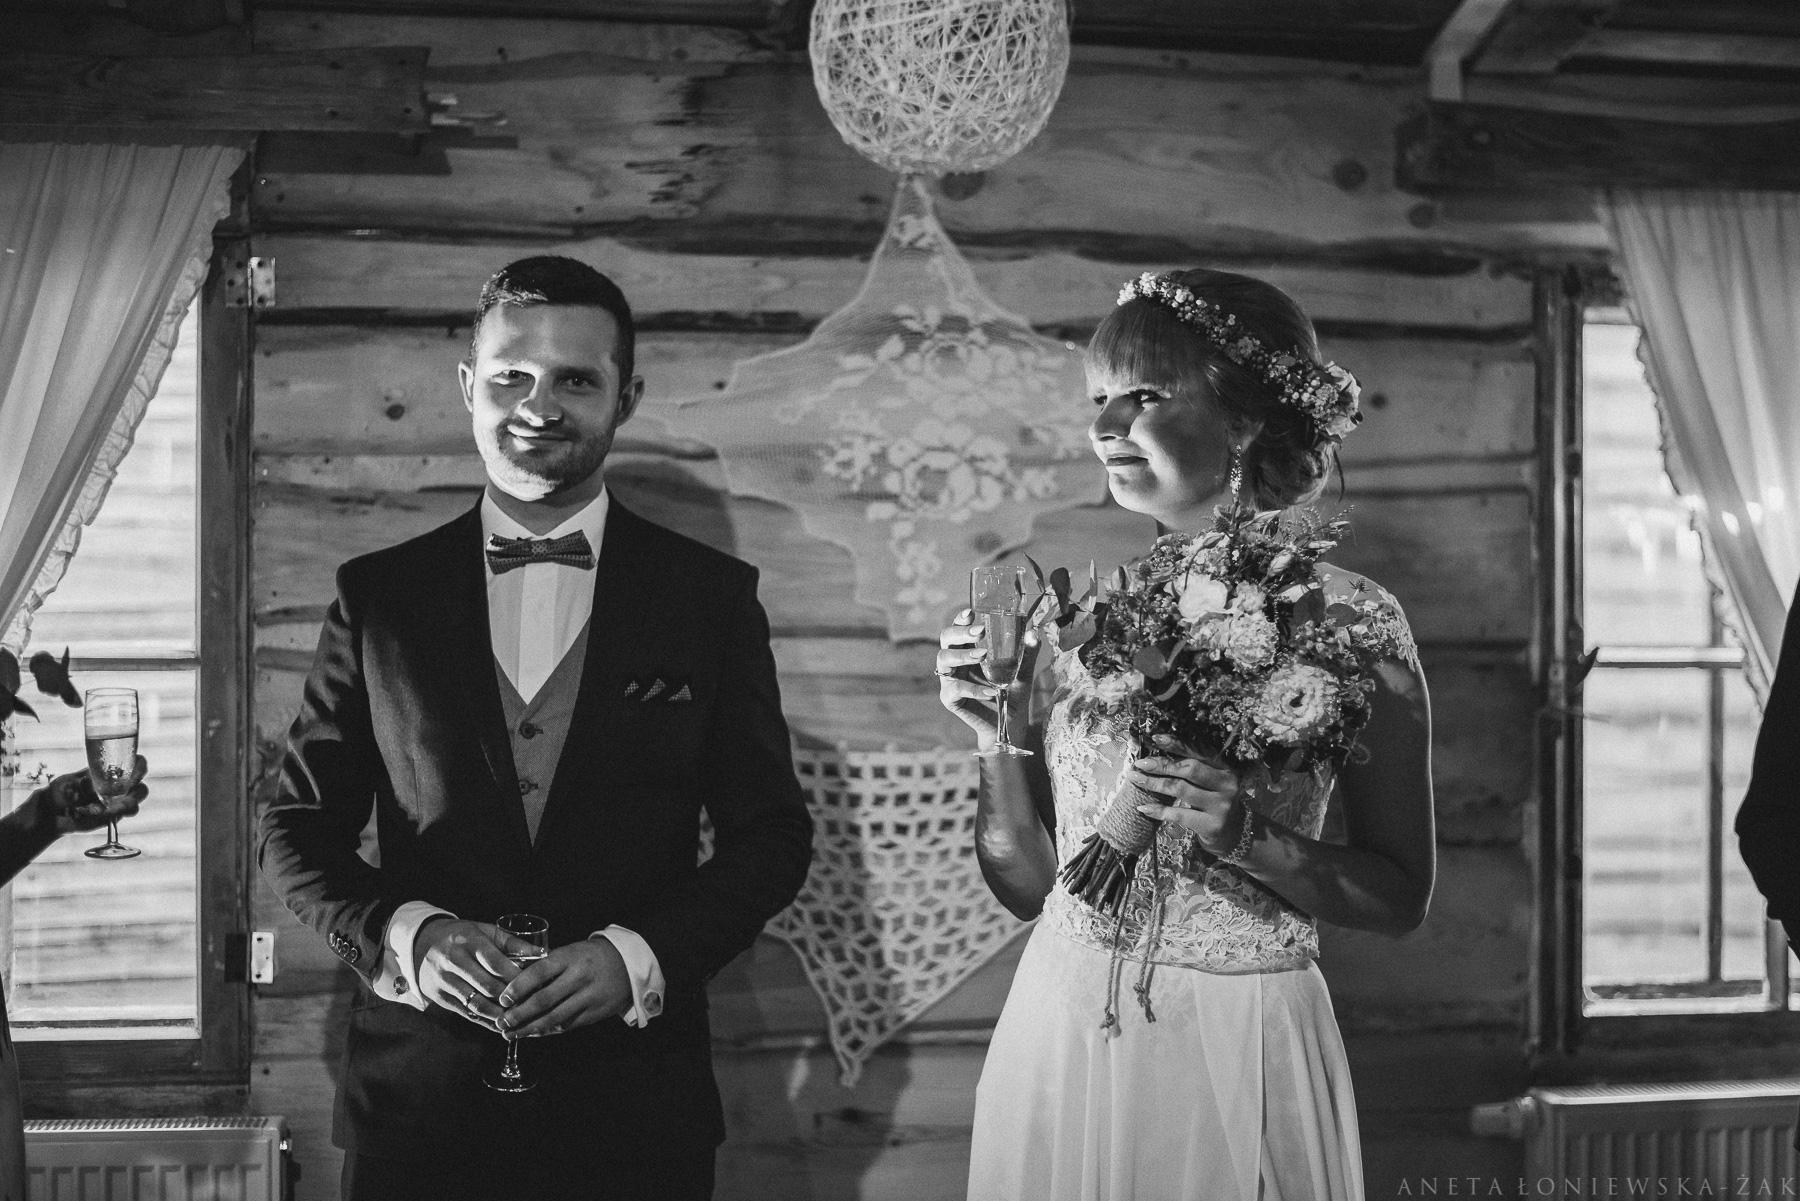 fotograf ślubny Białystok, fotograf ślubny podlaskie, ślub plenerowy podlasie, ślub rustykalny białystok, naturalna fotografia ślubna, ślub w majątku howieny